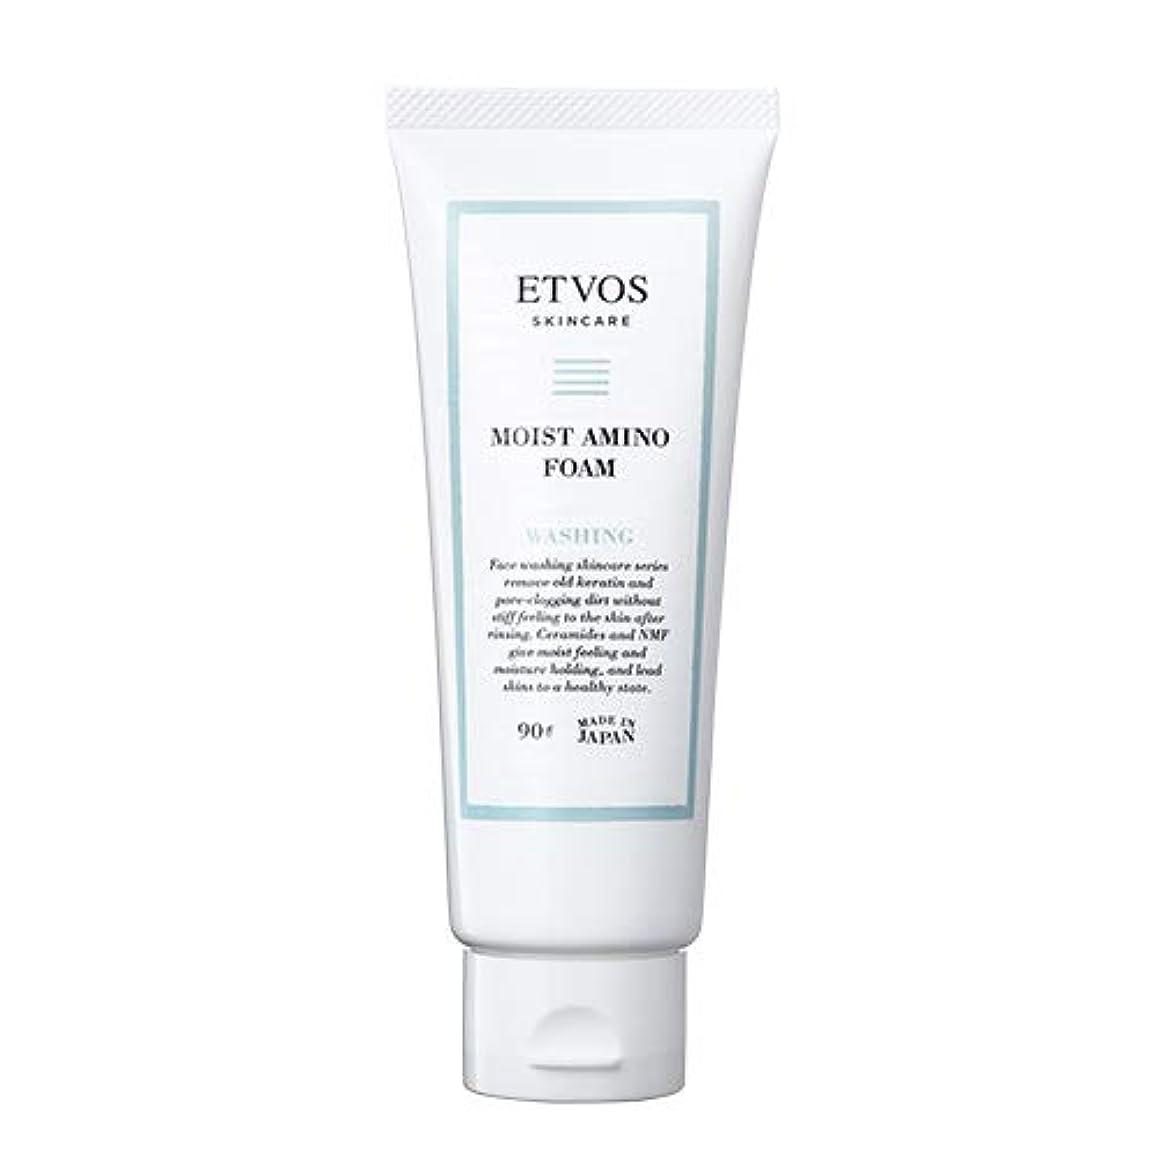 アンソロジーサスティーン値下げETVOS(エトヴォス) 洗顔フォーム モイストアミノフォーム 90g ヒト型セラミド アミノ酸系 乾燥肌/敏感肌